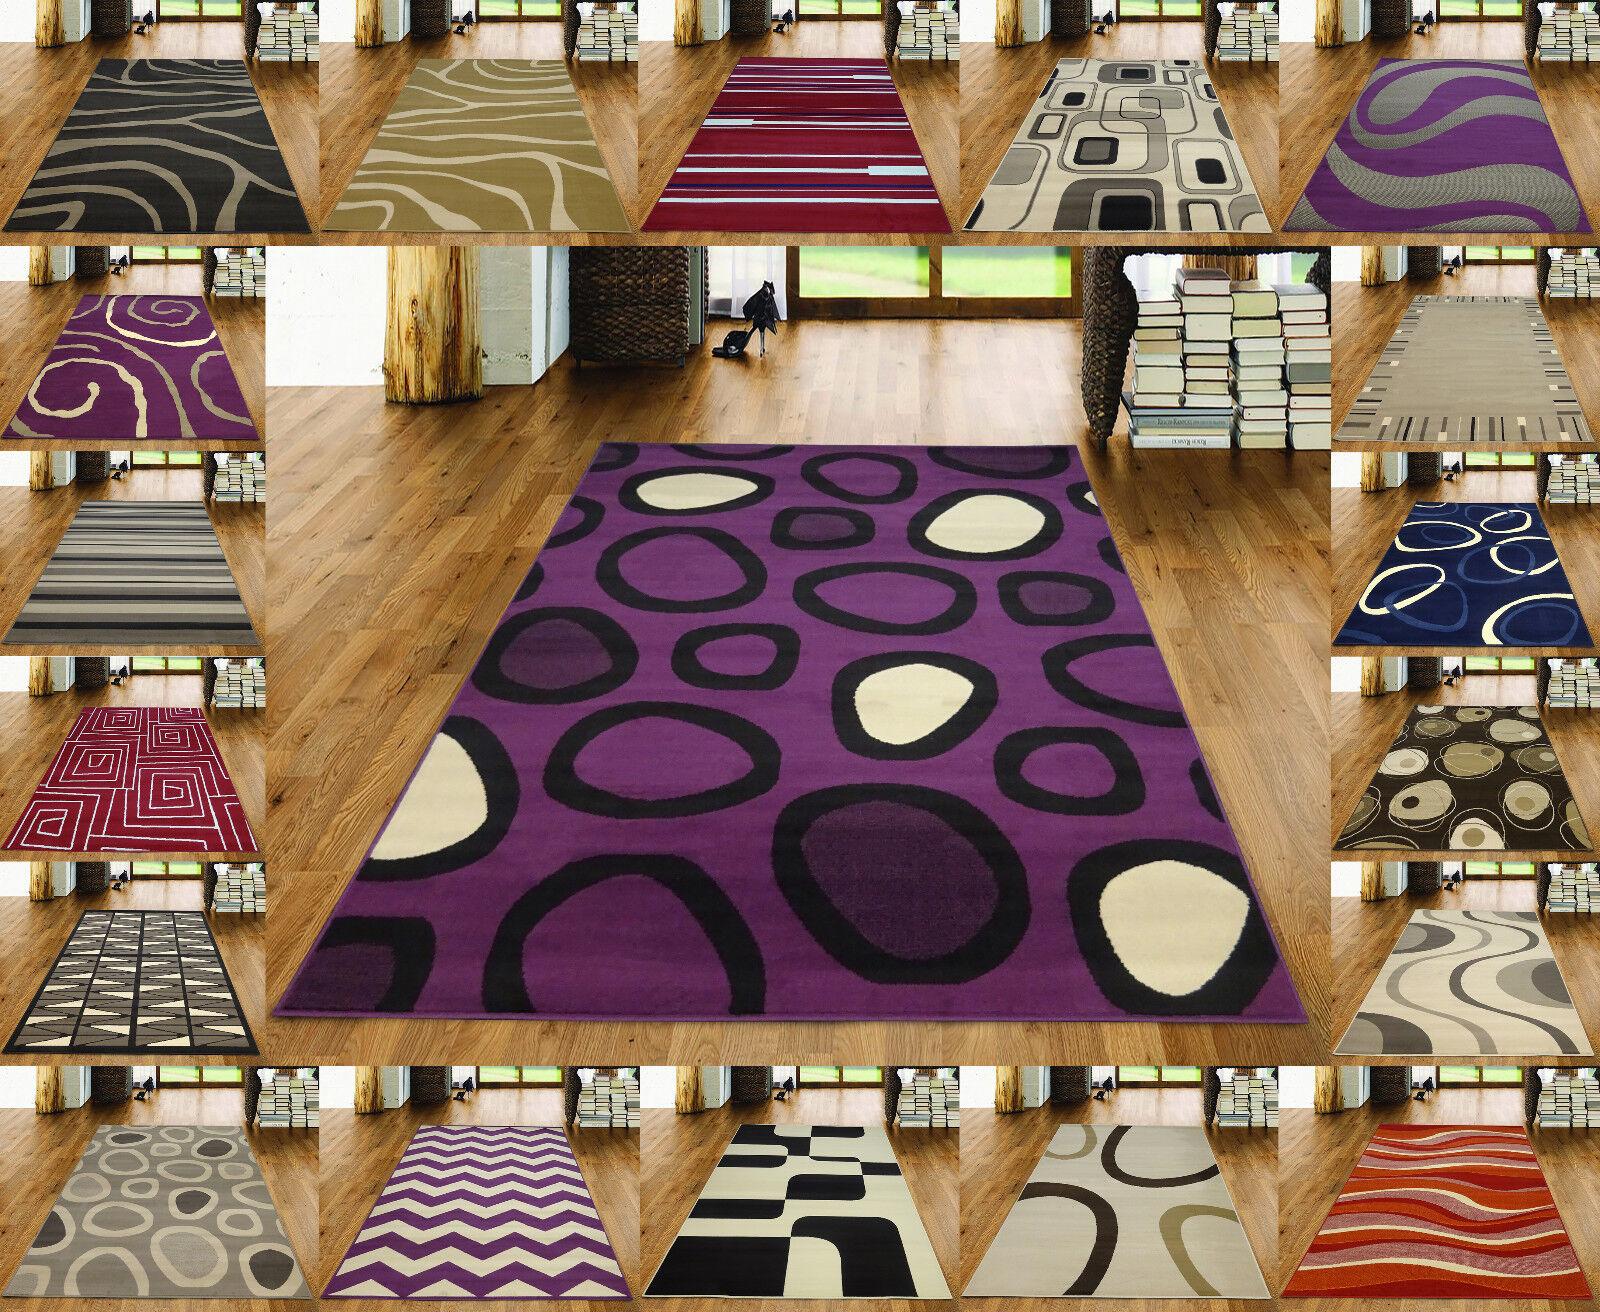 Tappeto Moderno E Contemporaneo con TAPPETI Piccoli Grandi corridori con Contemporaneo Motivo Floreale Geometrico Soft 082b5b